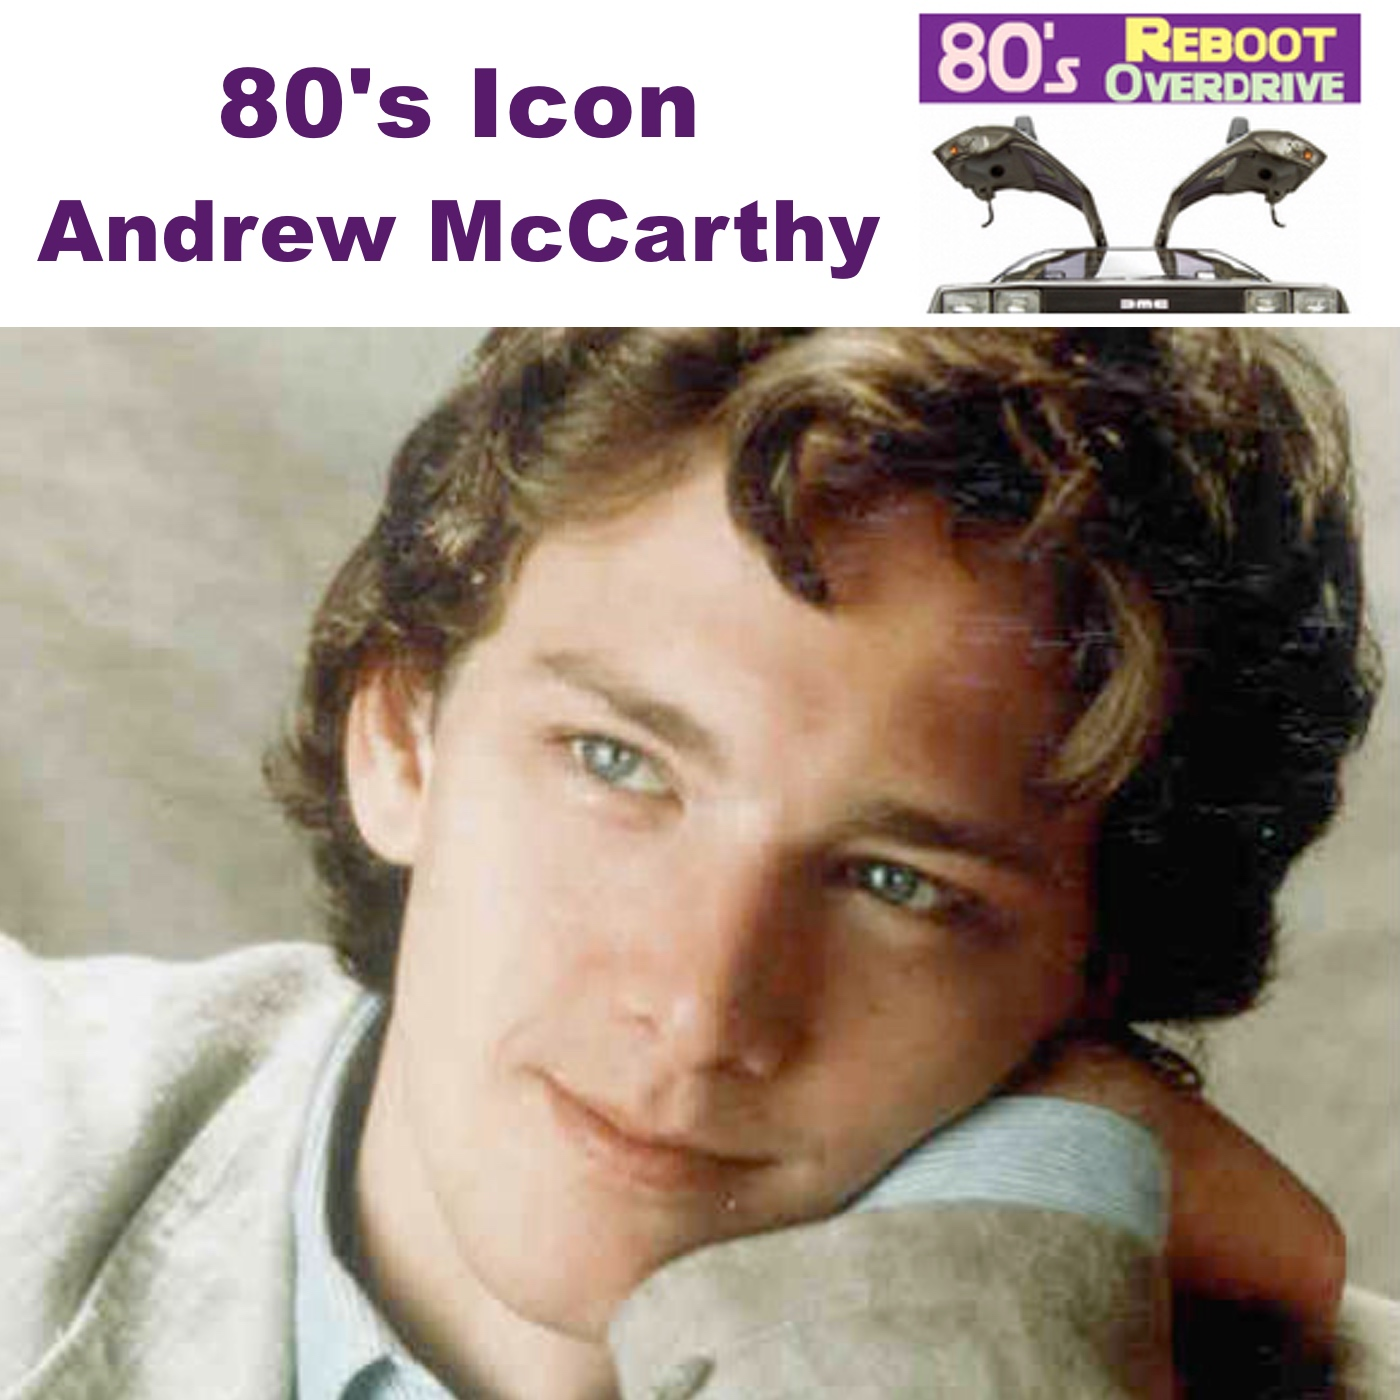 80's Icon Andrew McCarthy